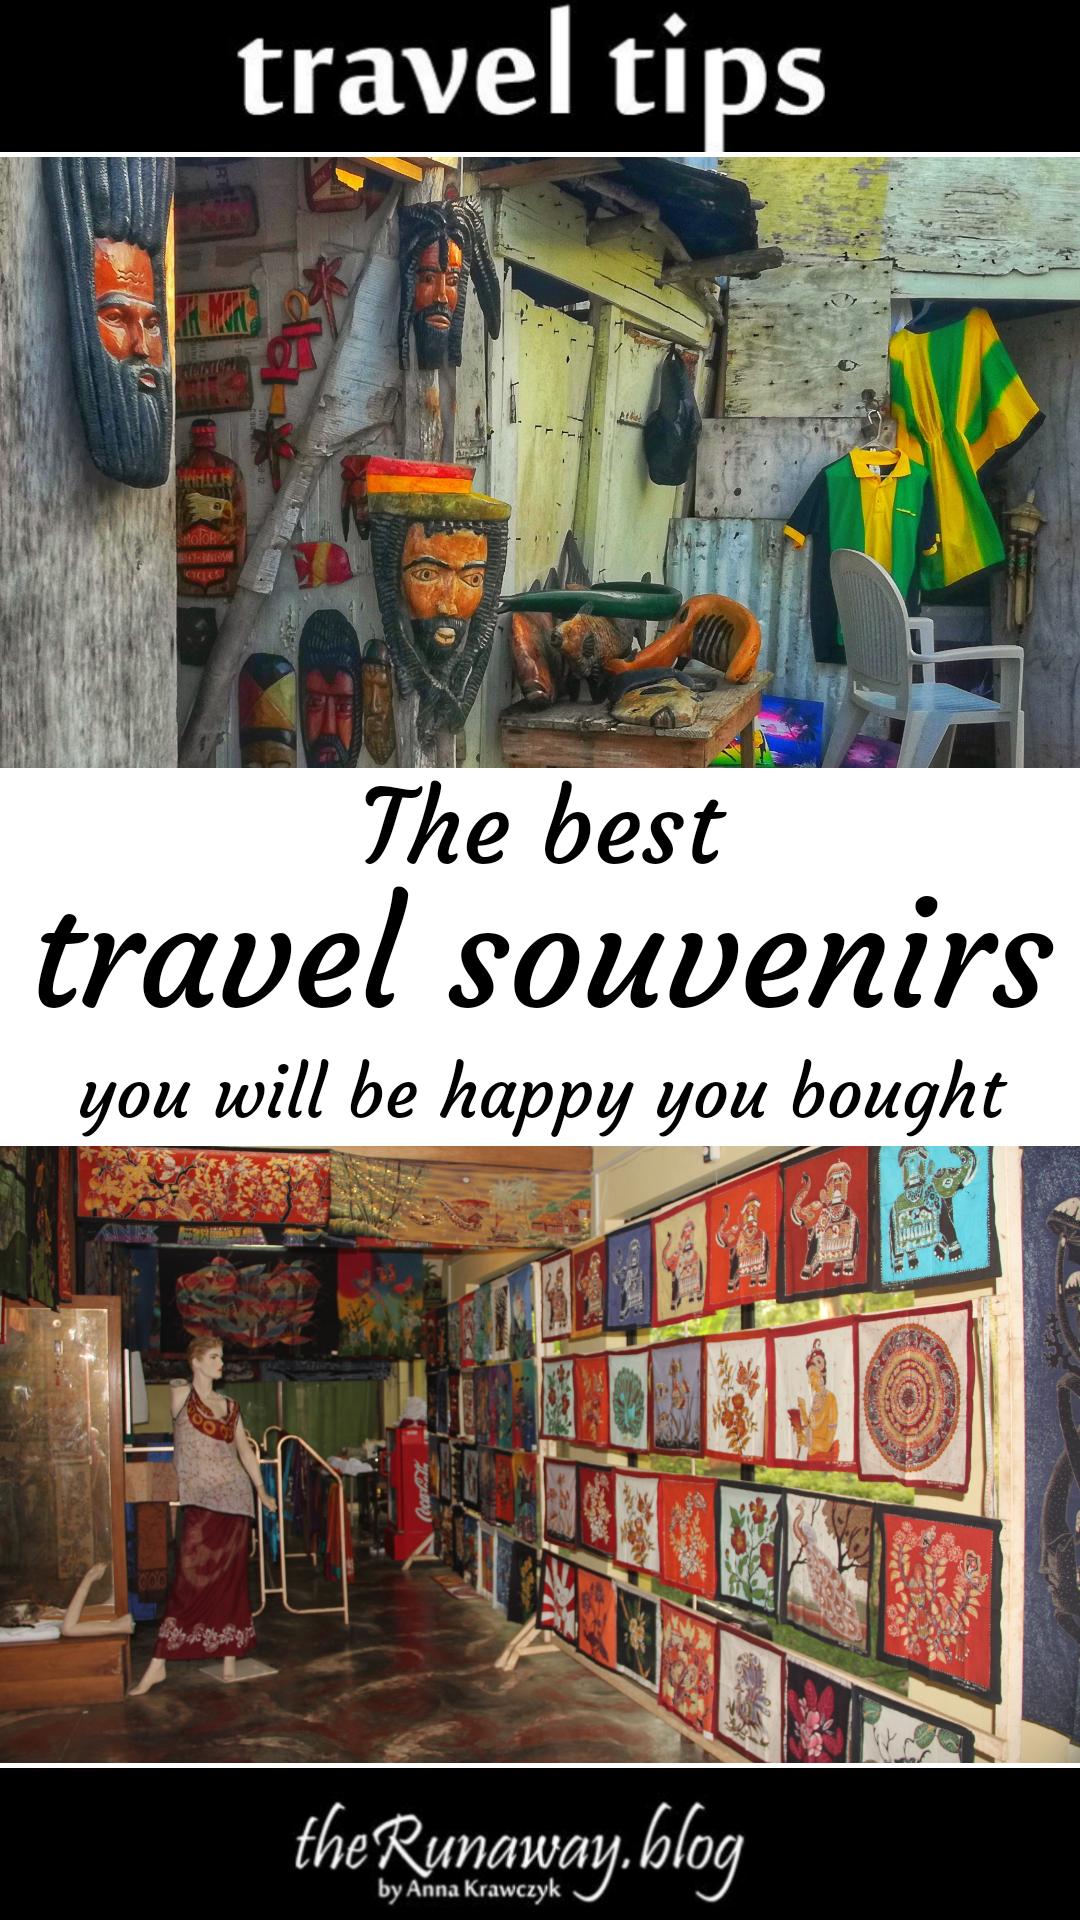 The best travel souvenirs